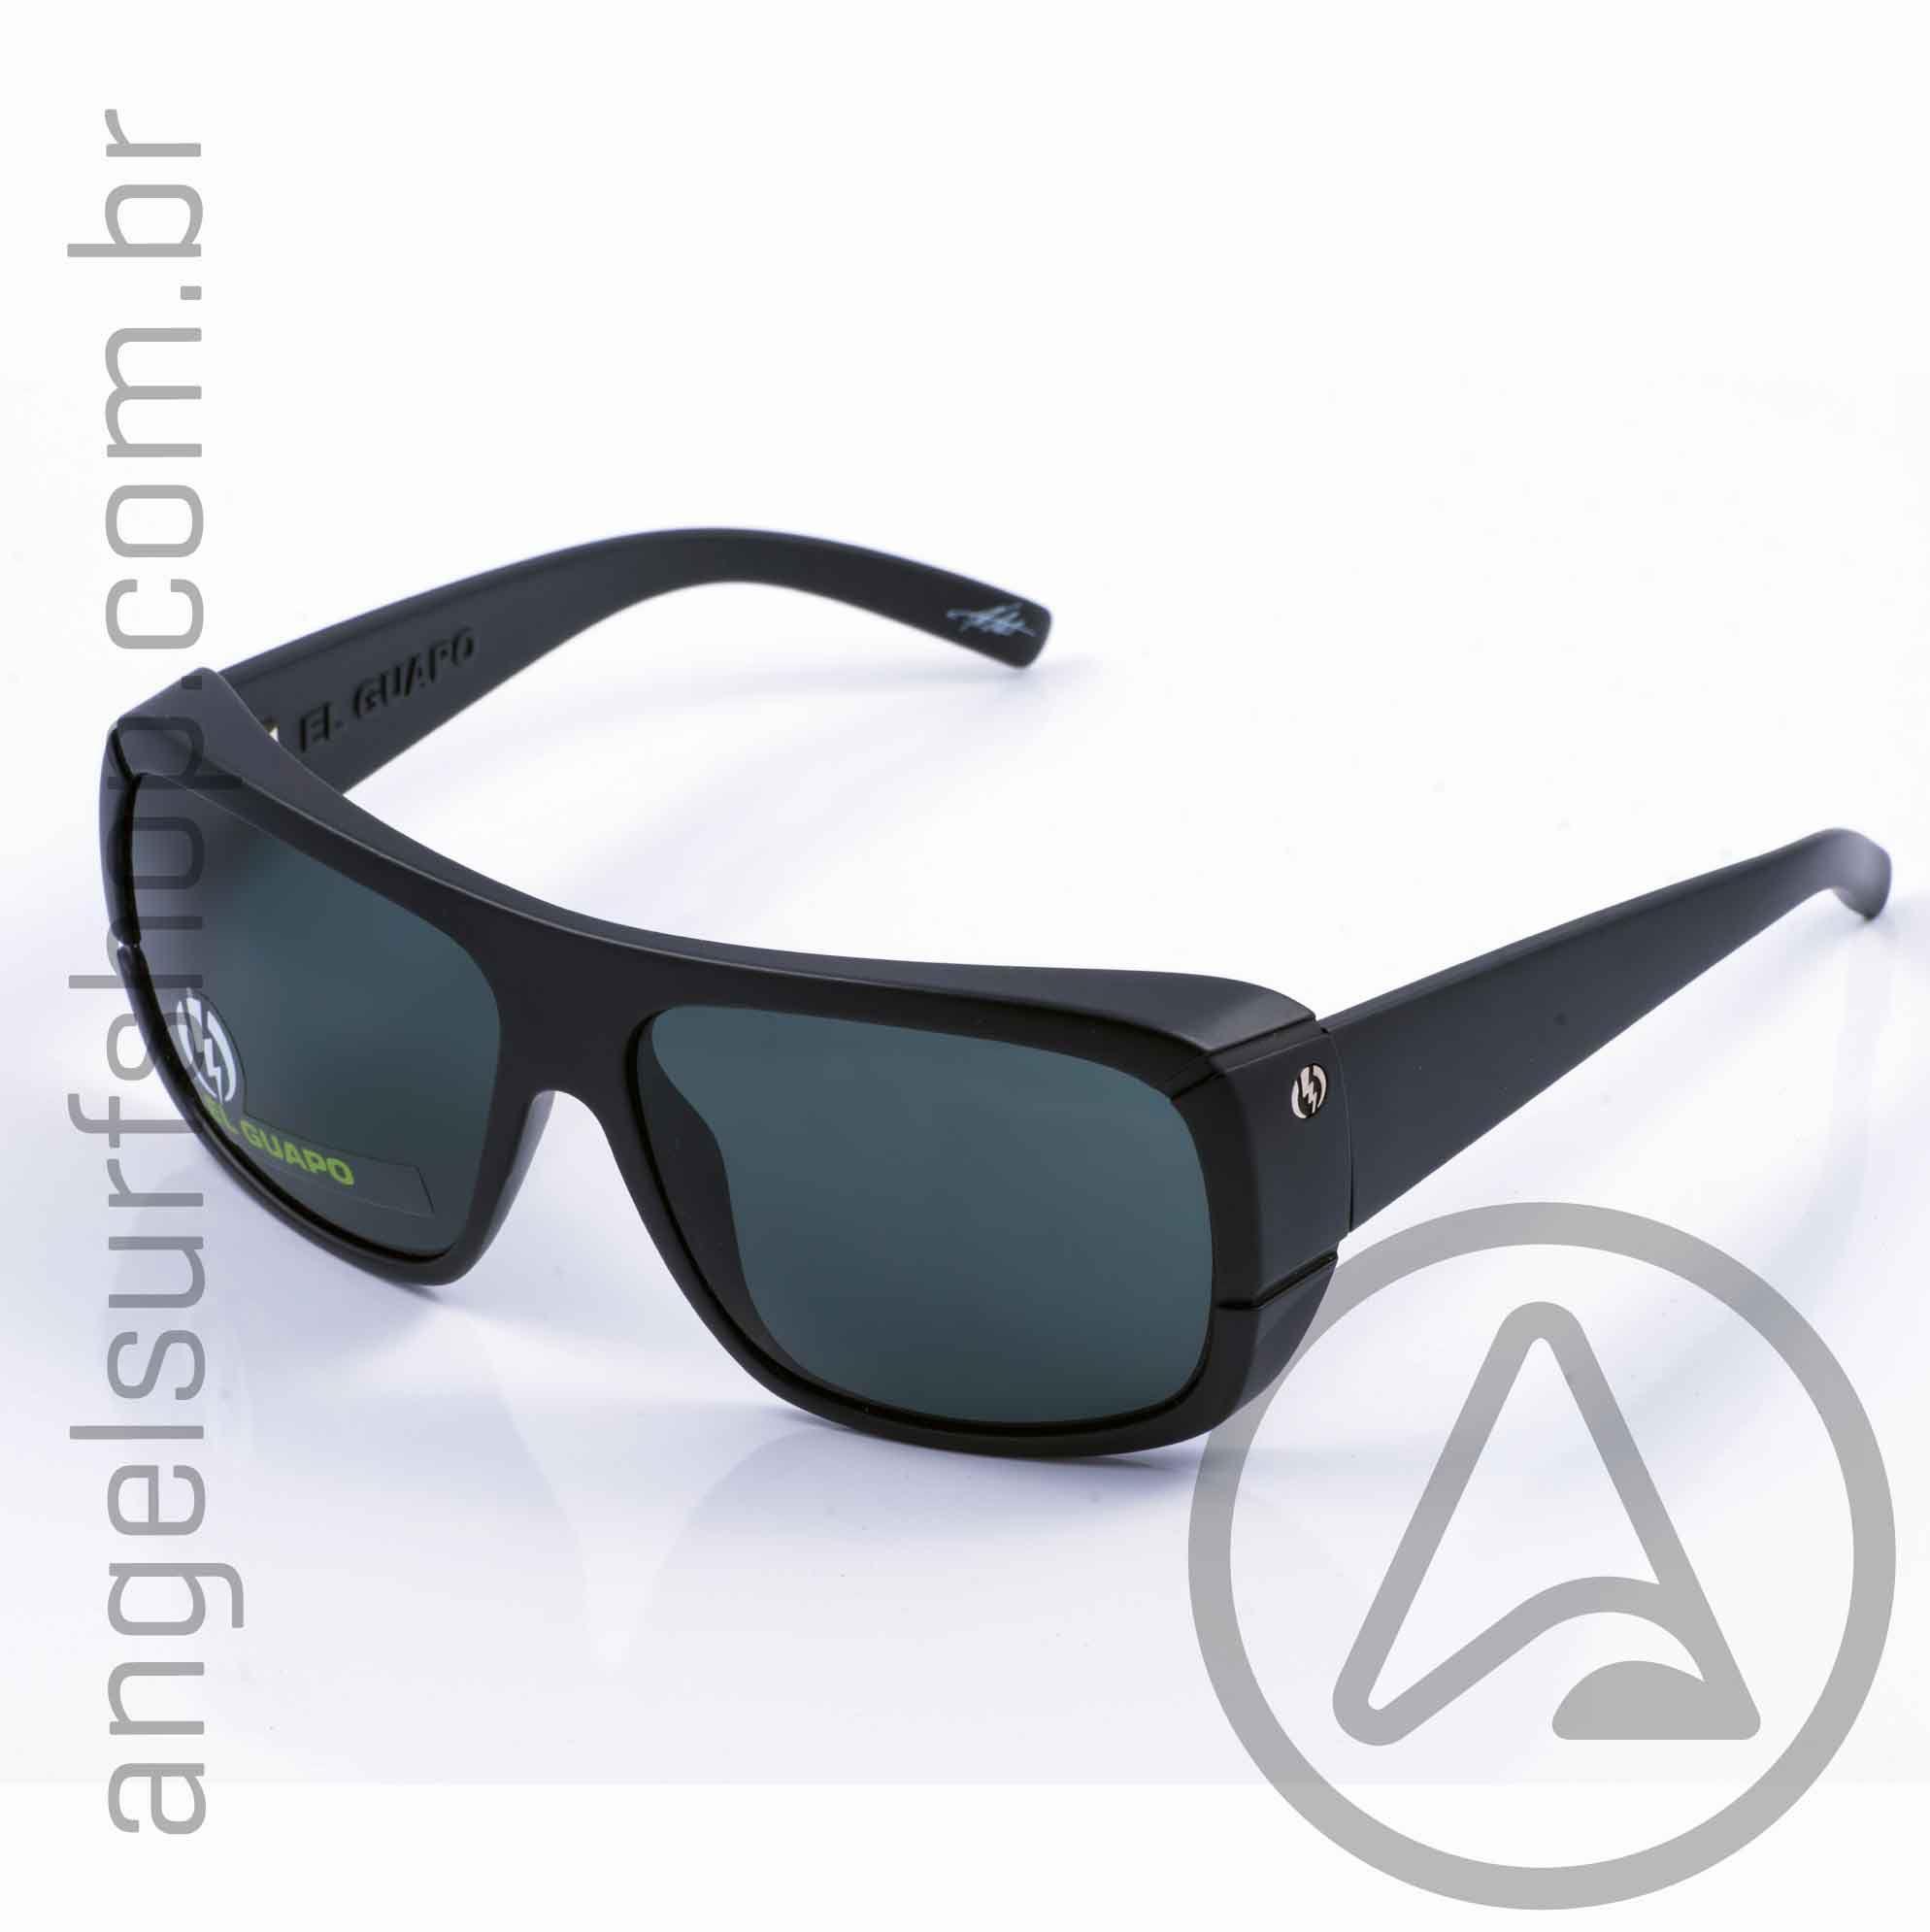 Oculos de Sol Electric El Guapo Gloss Black